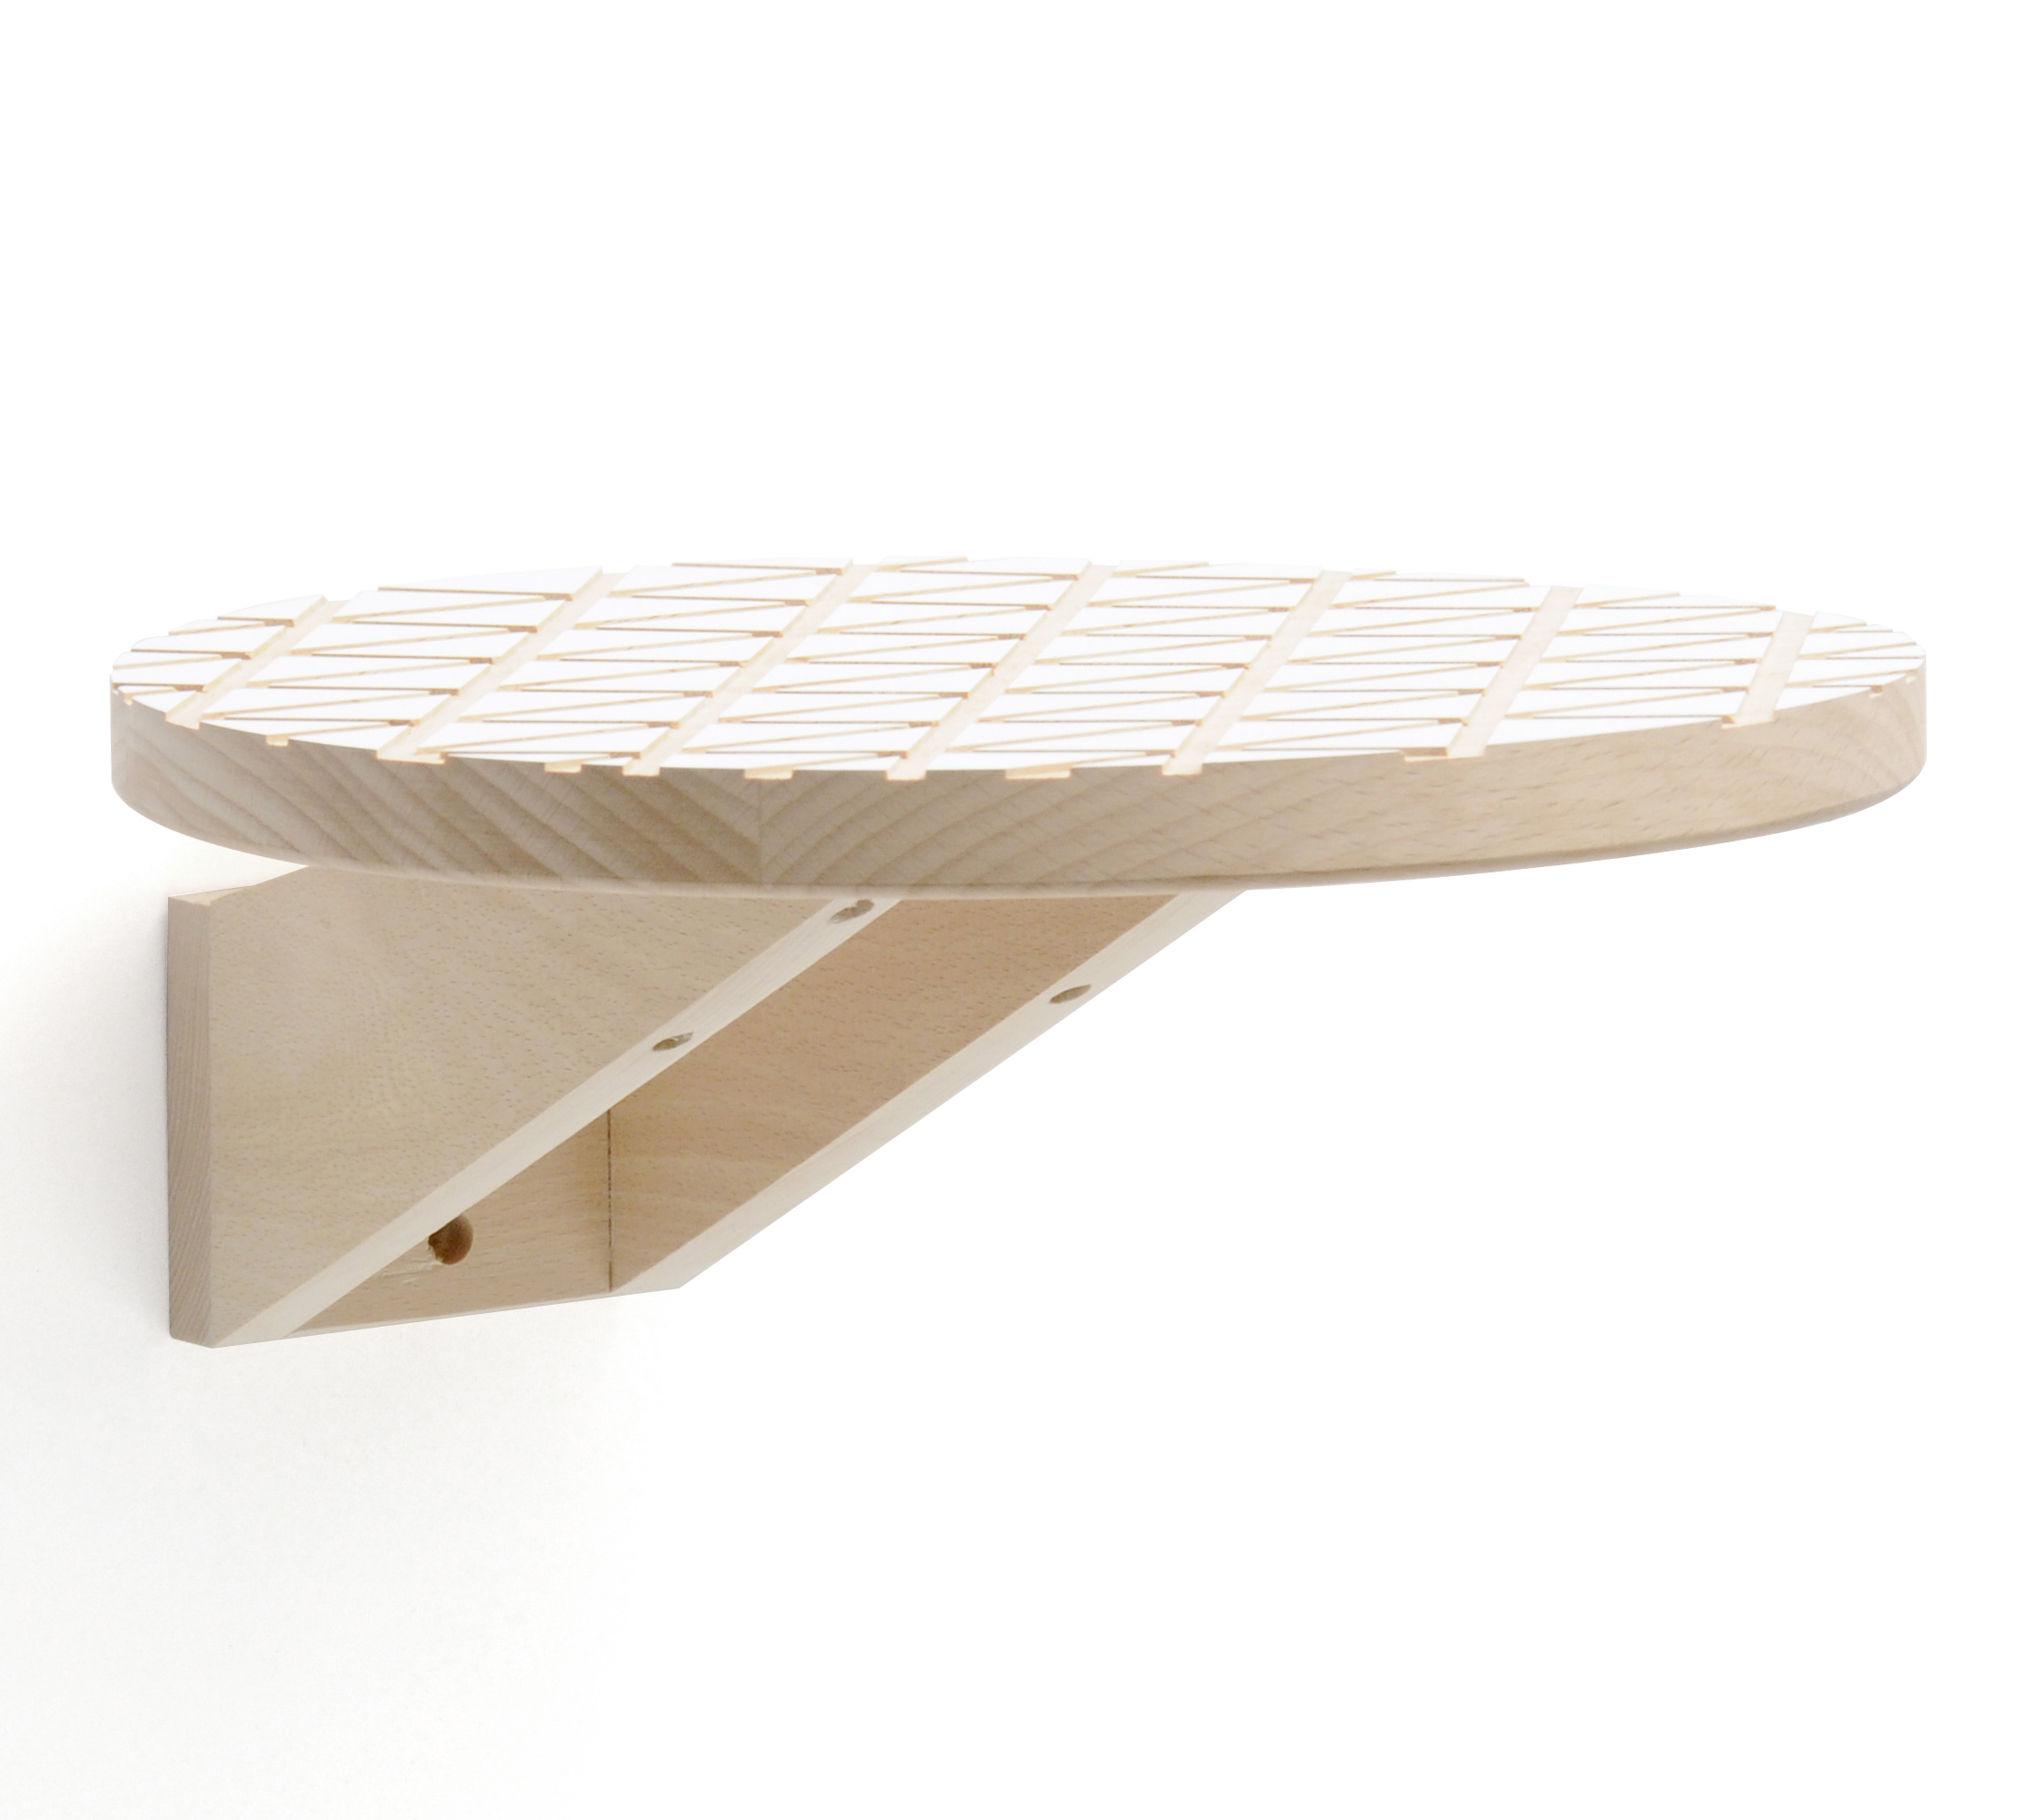 etag re marquise ronde 30 cm blanc bois naturel y 39 a pas le feu au lac. Black Bedroom Furniture Sets. Home Design Ideas